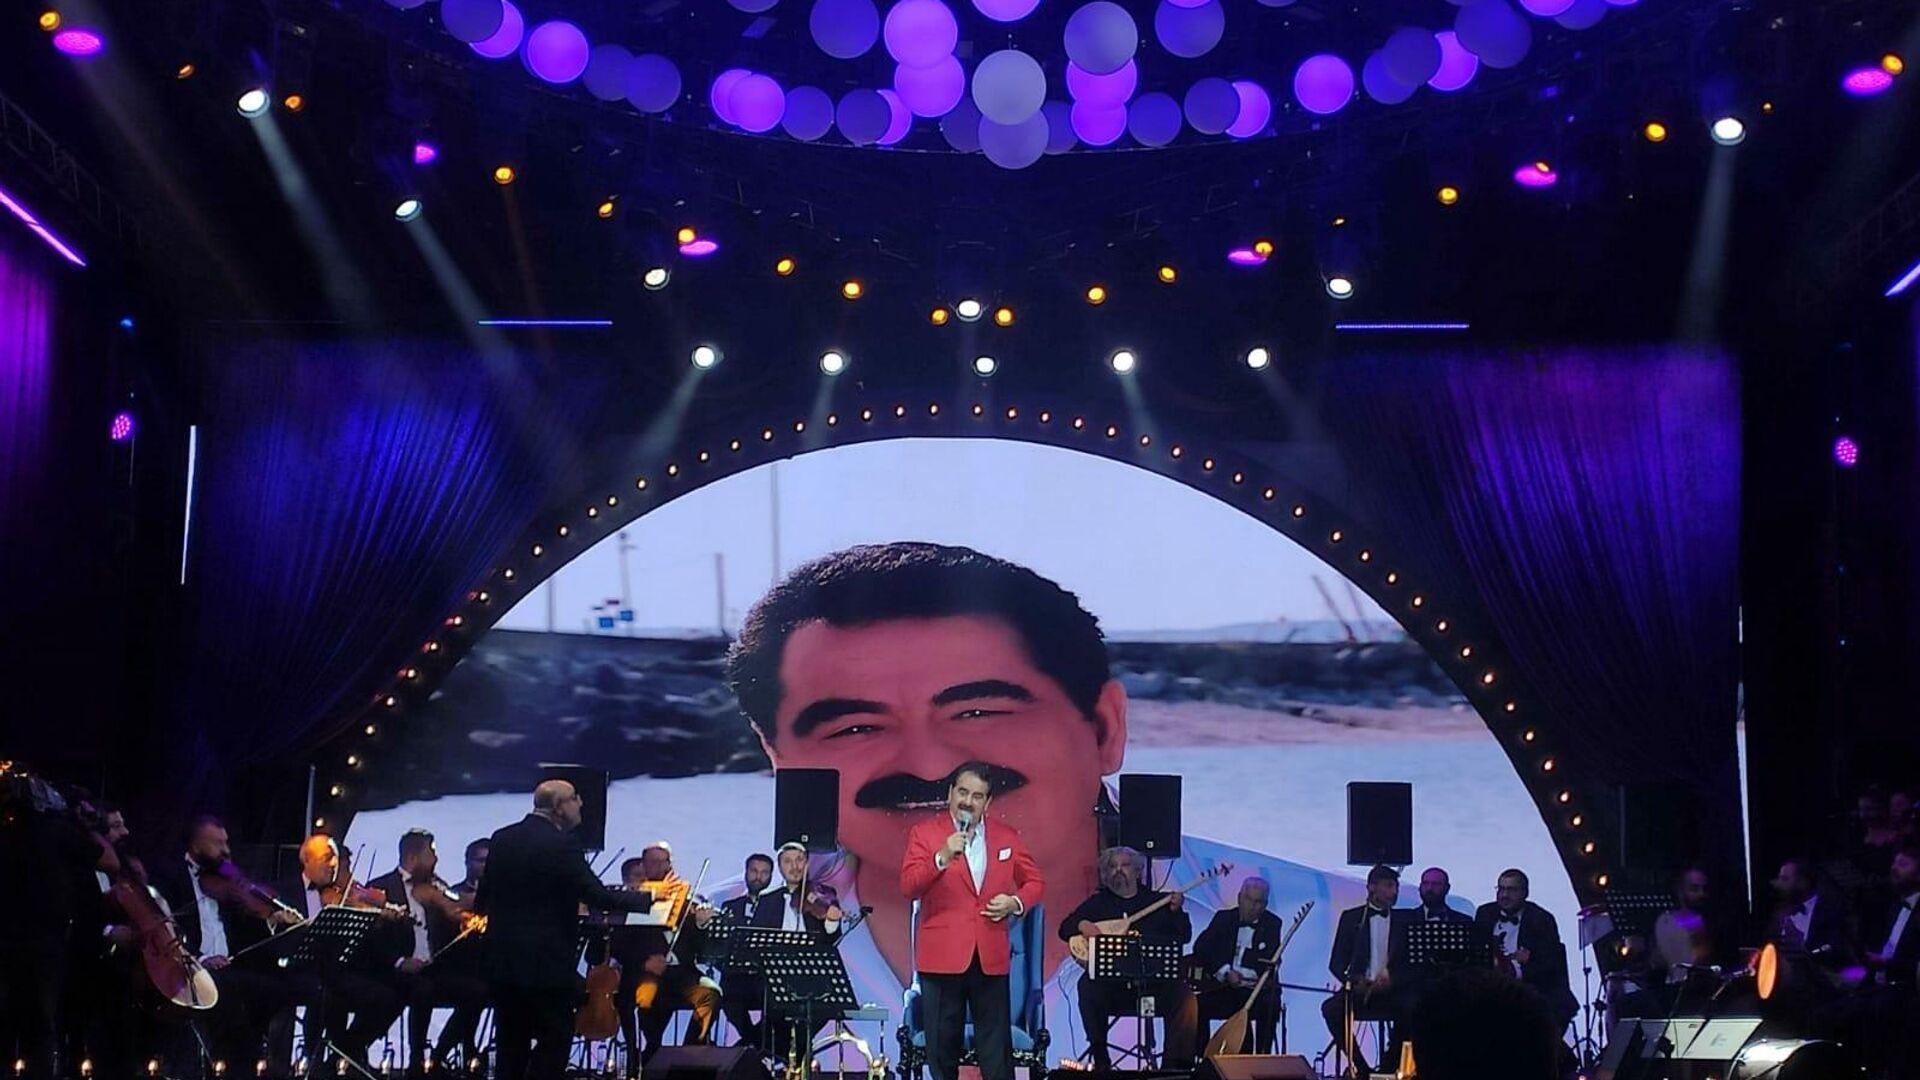 İbrahim Tatlıses ilk konserini verdi - Sputnik Türkiye, 1920, 24.09.2021